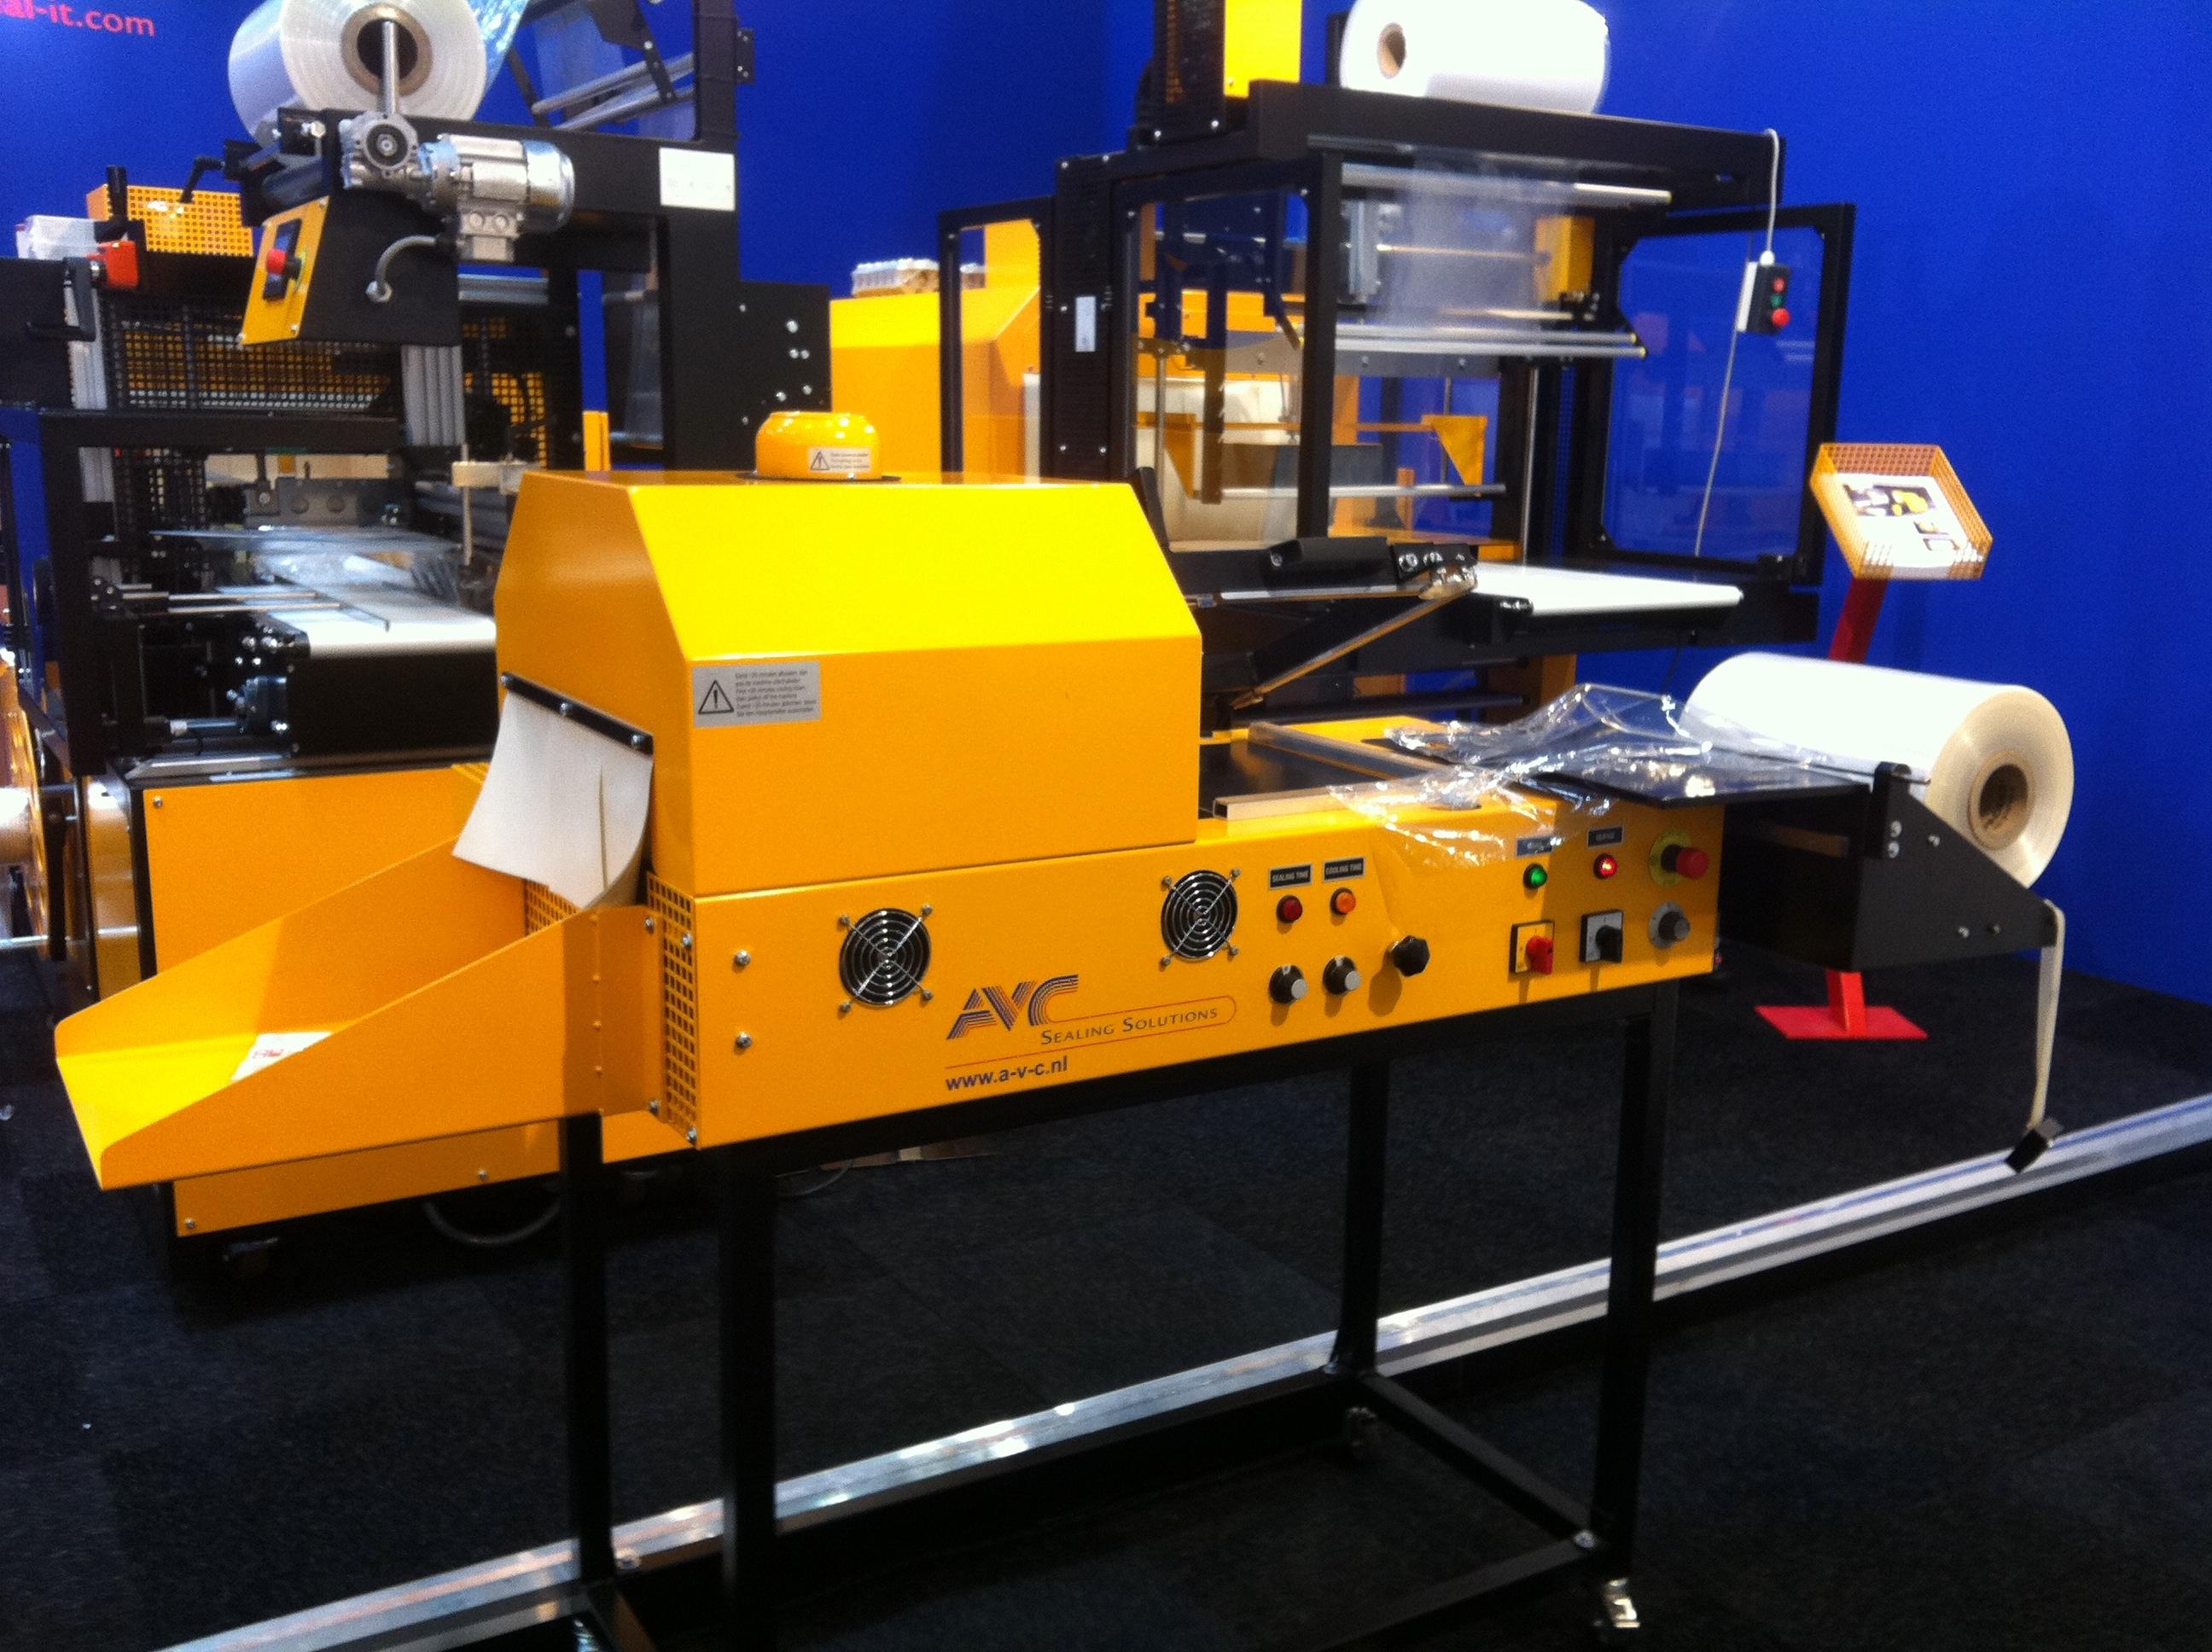 Maszyny pakujące - niezastąpione narzędzie w firmach przemysłowych